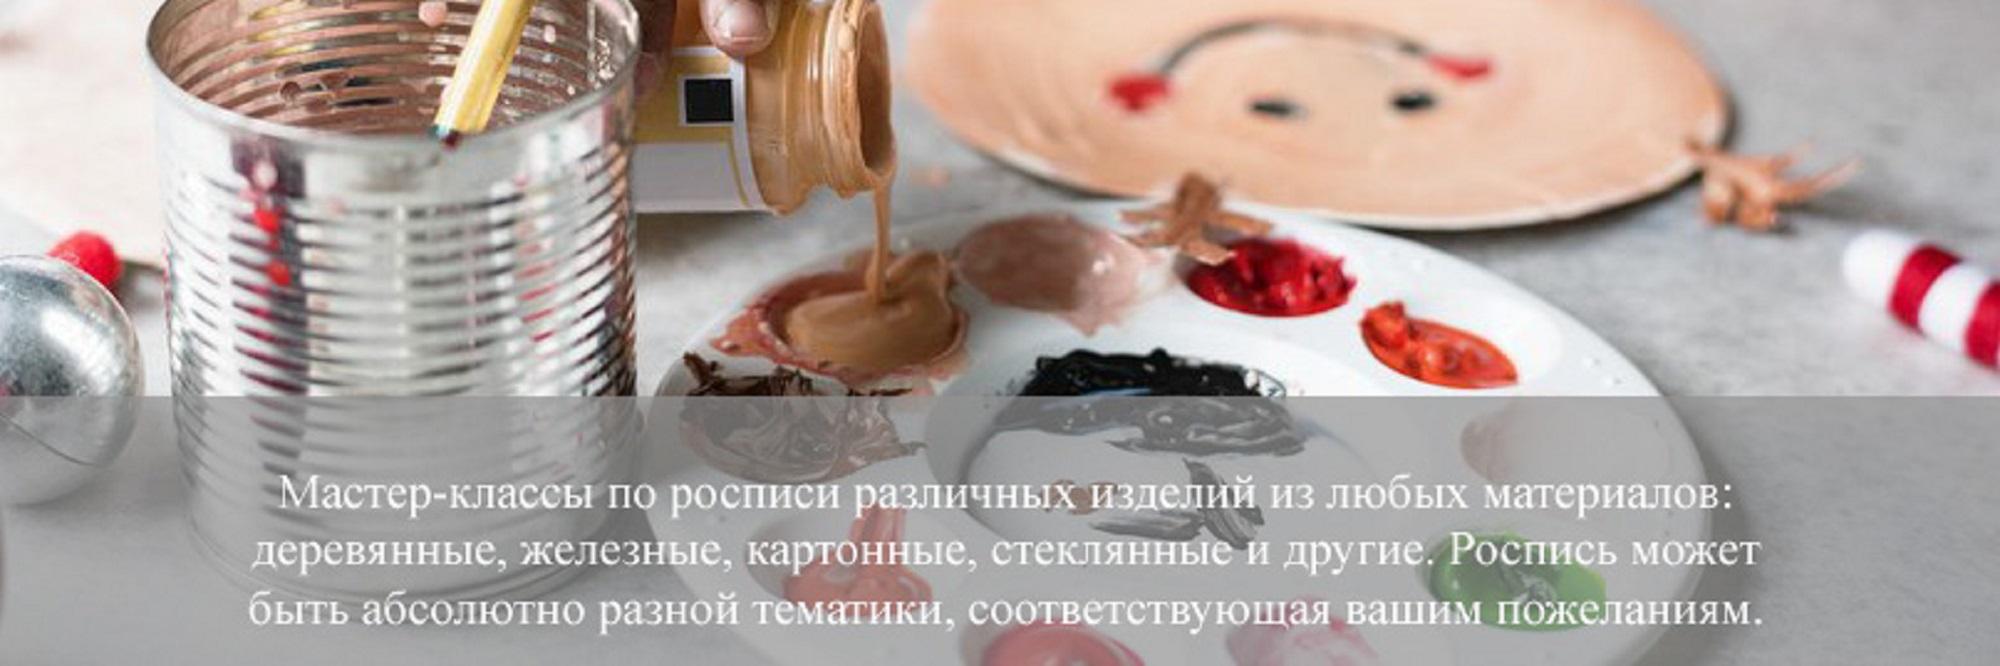 Мастер-класс по росписи изделий